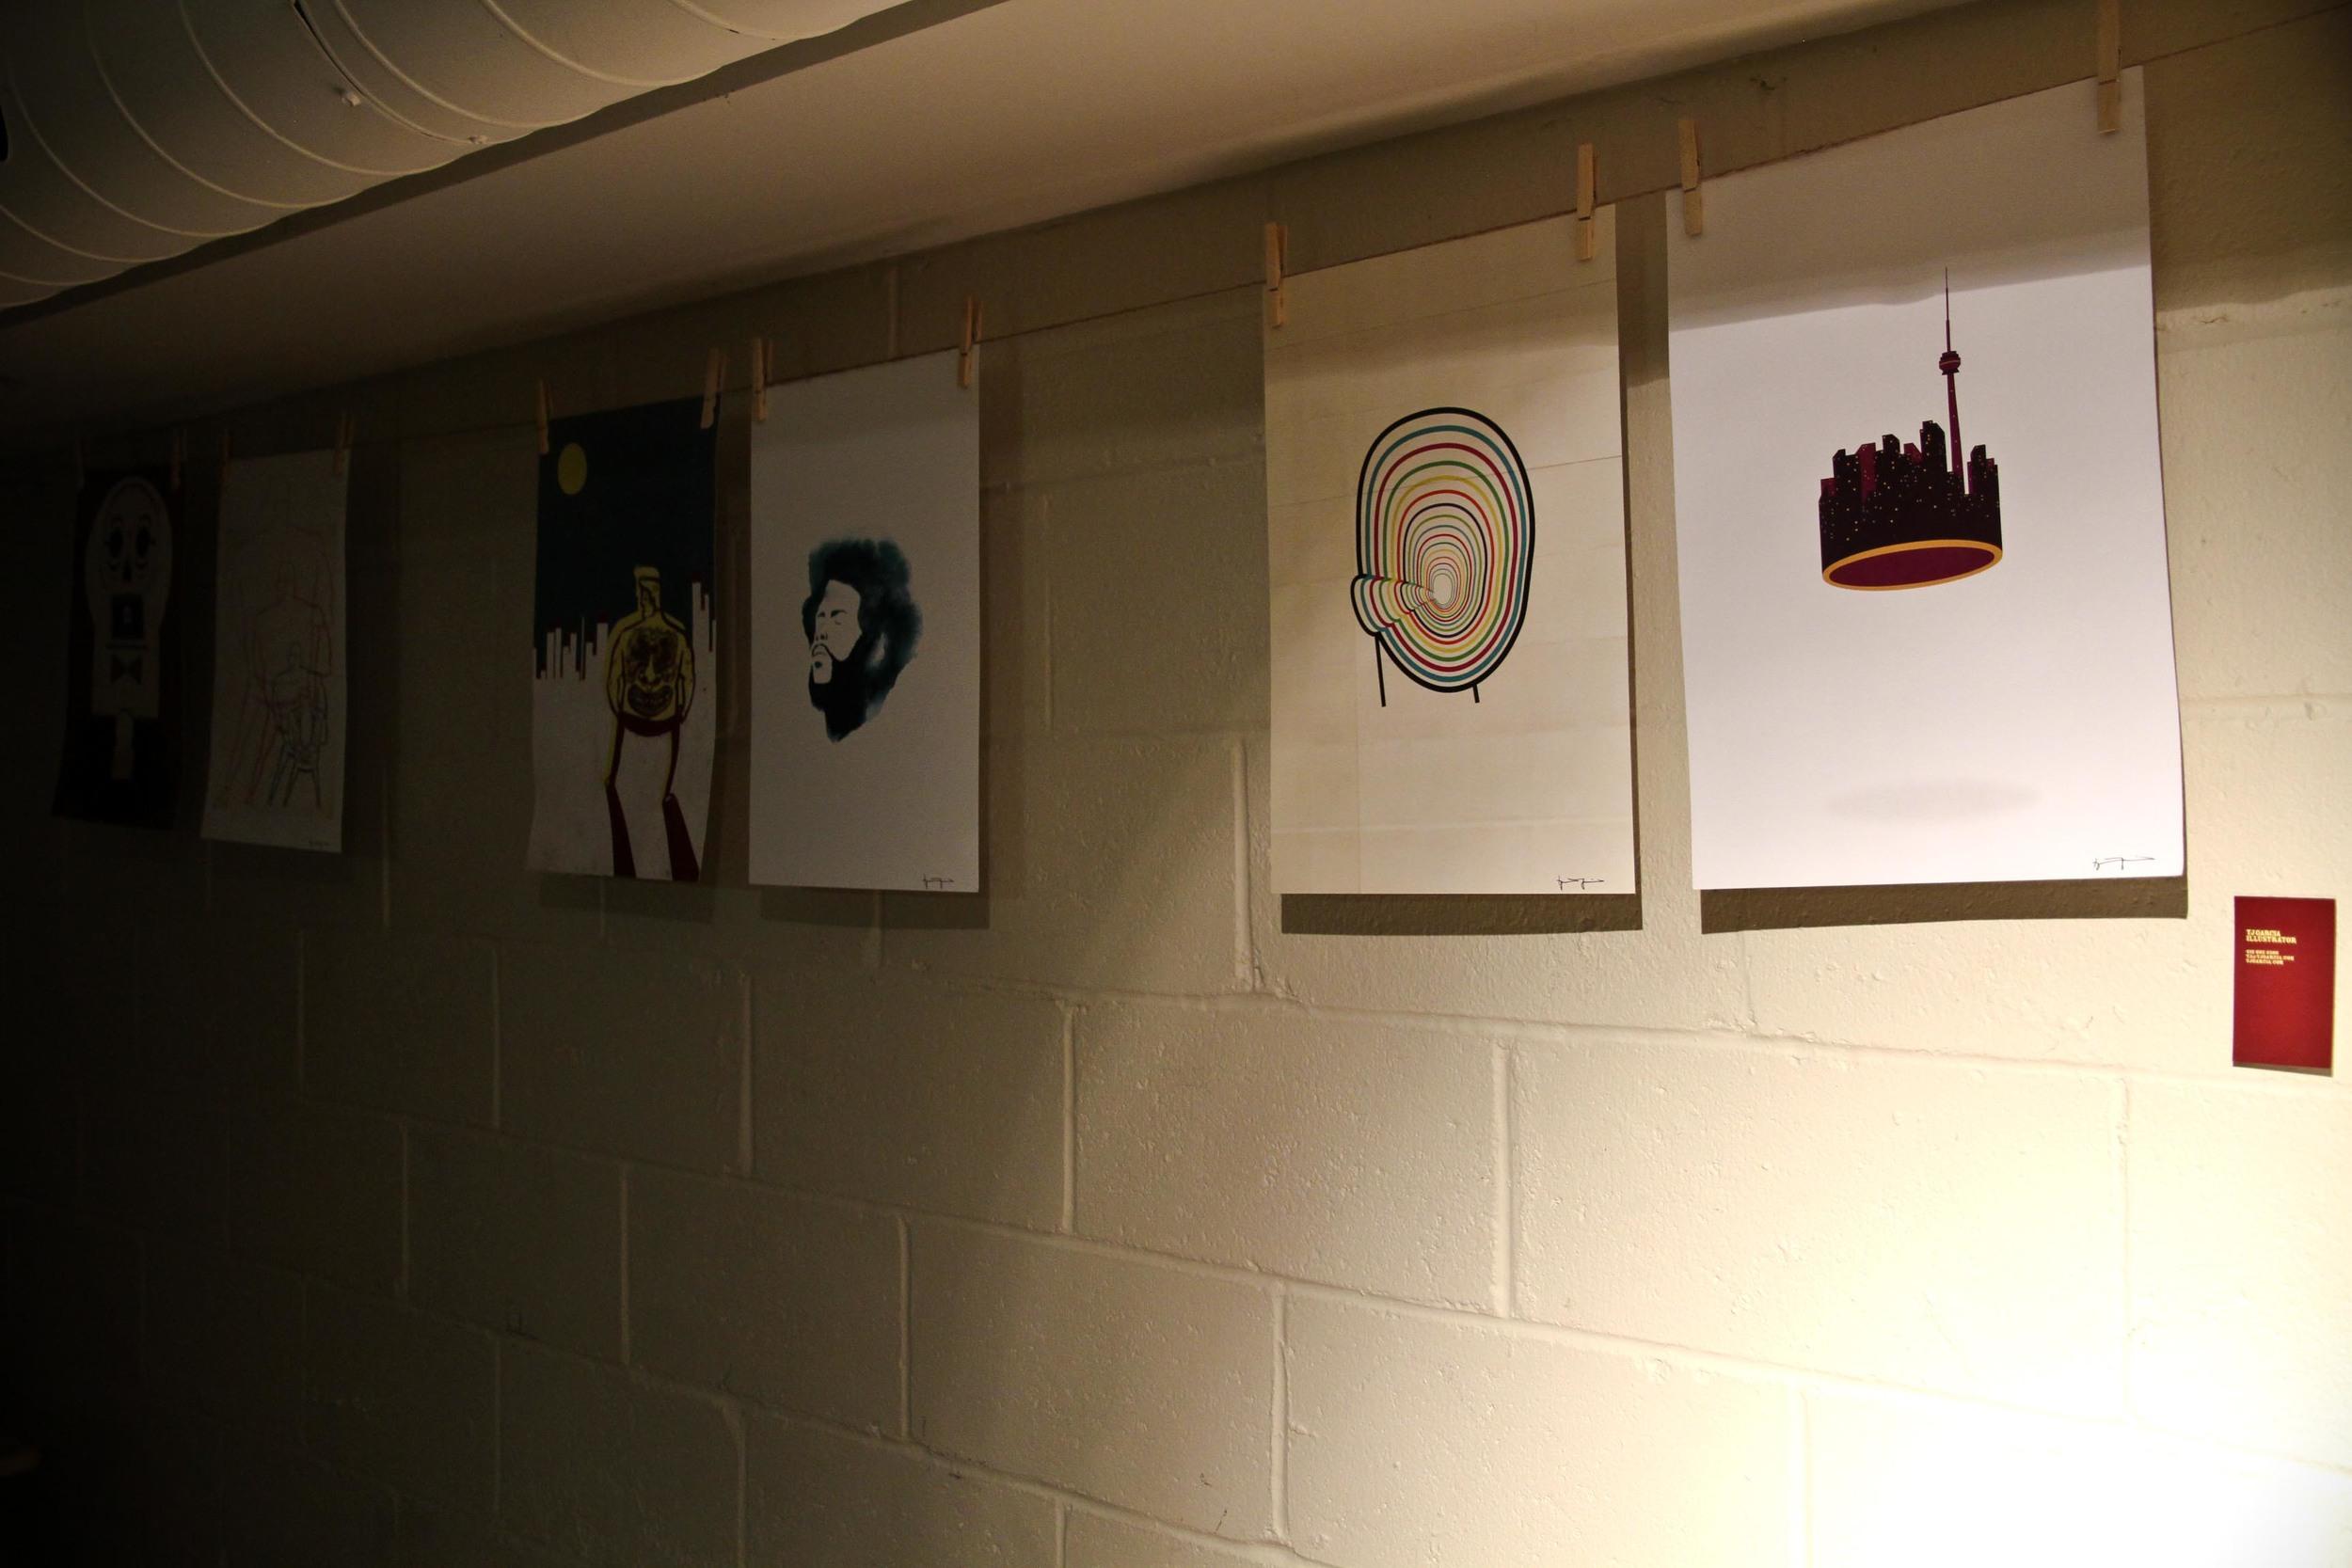 TJ Garcia prints